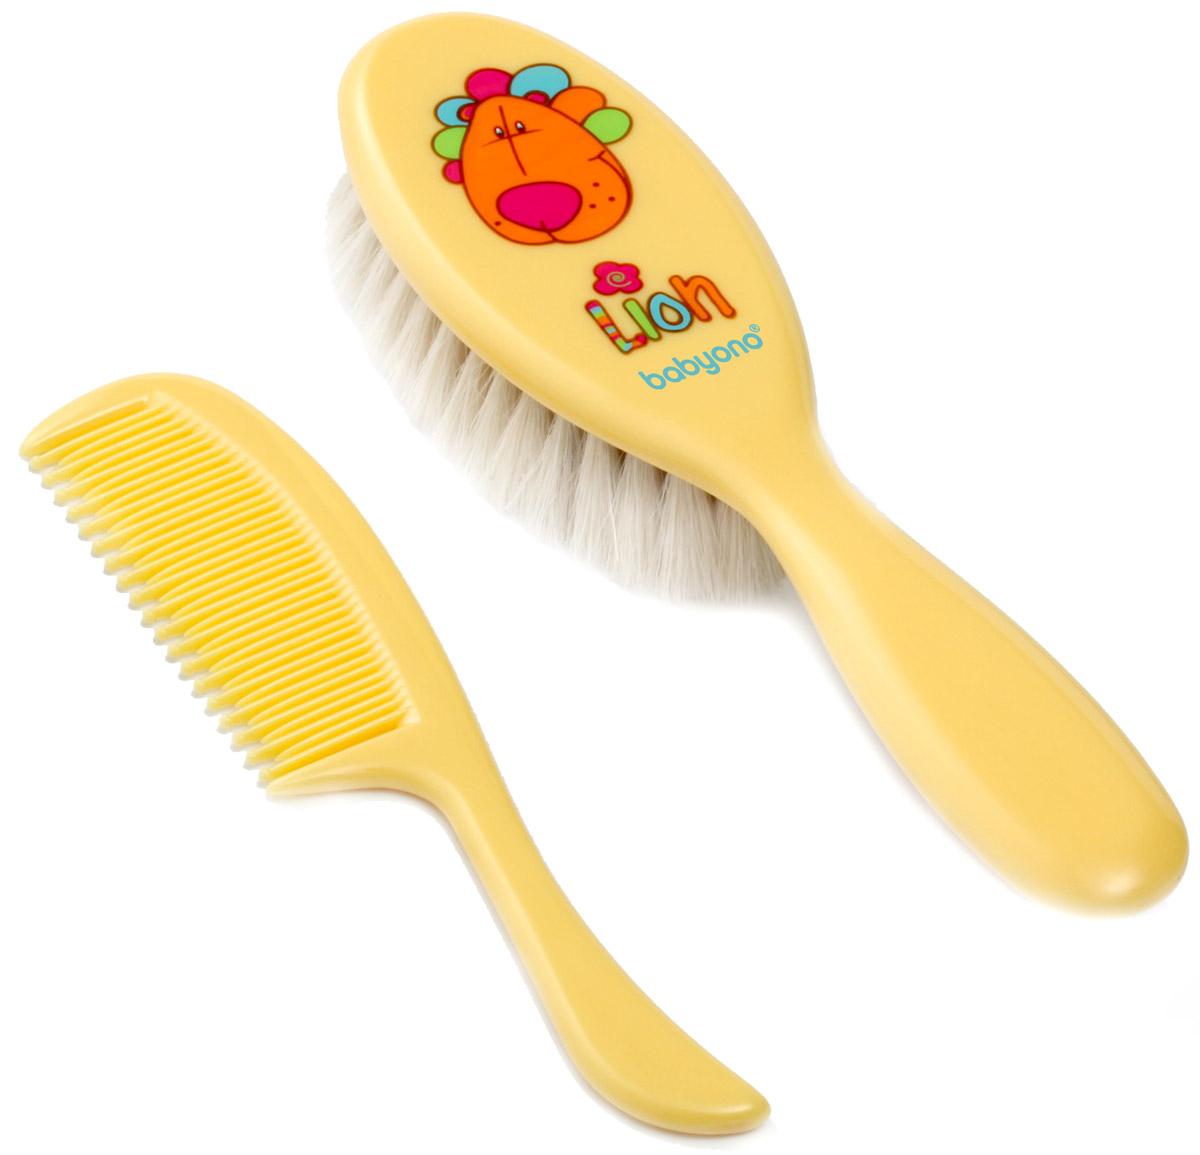 BabyOno Набор детский Лев Расческа и щетка для волос цвет желтый babyono набор детский расческа и щетка для волос цвет светло коралловый